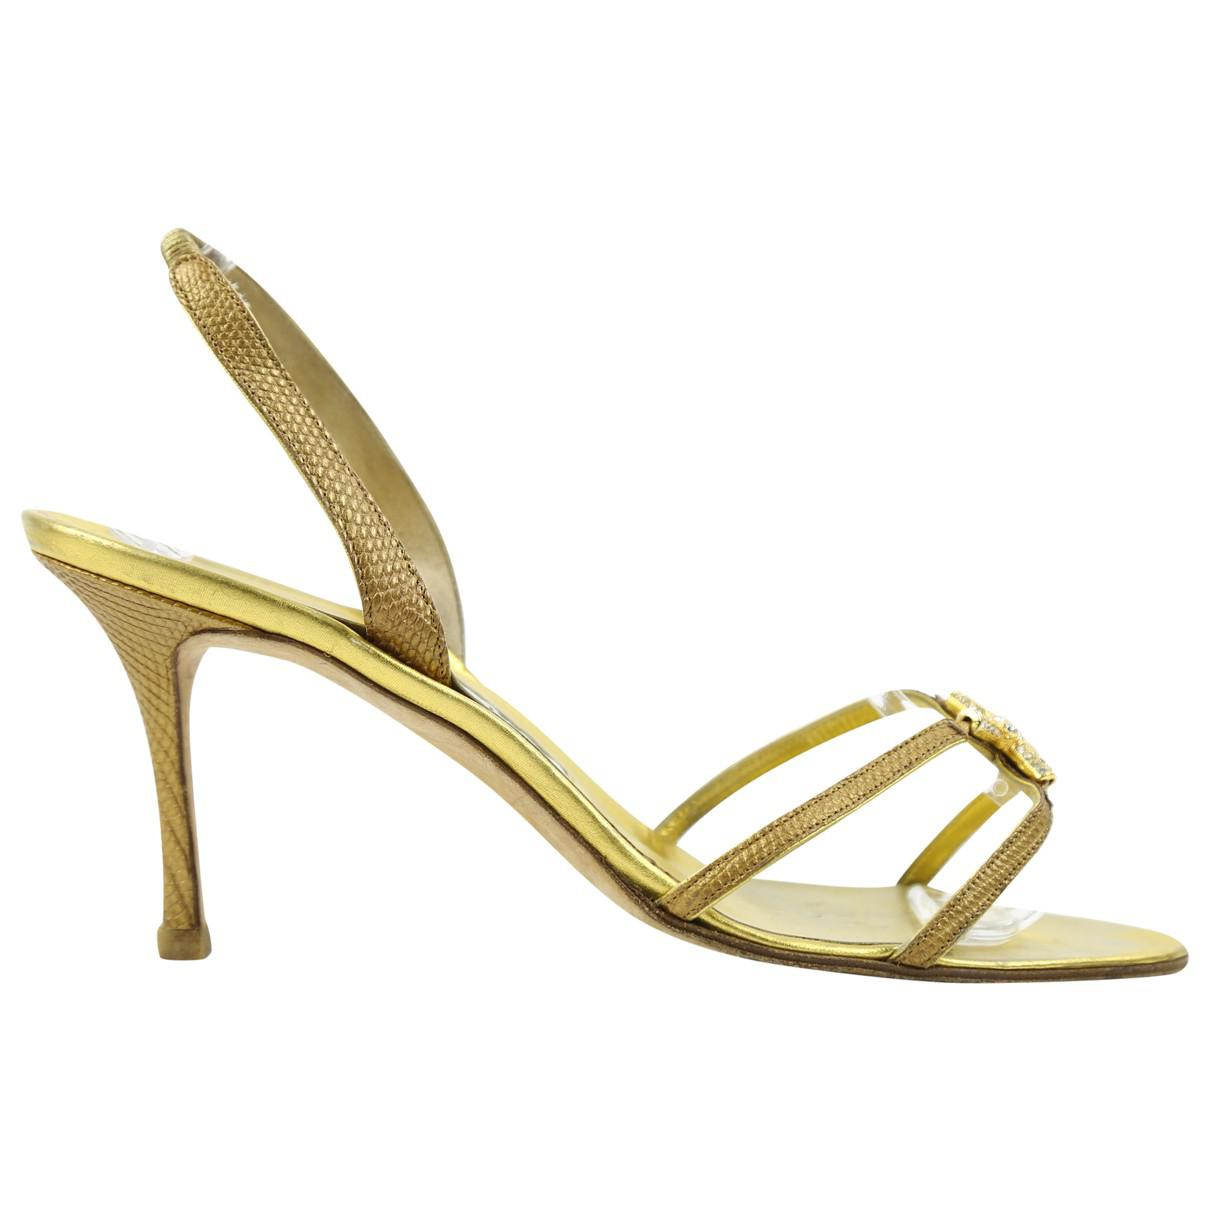 Pre-owned - Lizard heels Manolo Blahnik R5Mpp4qMWo